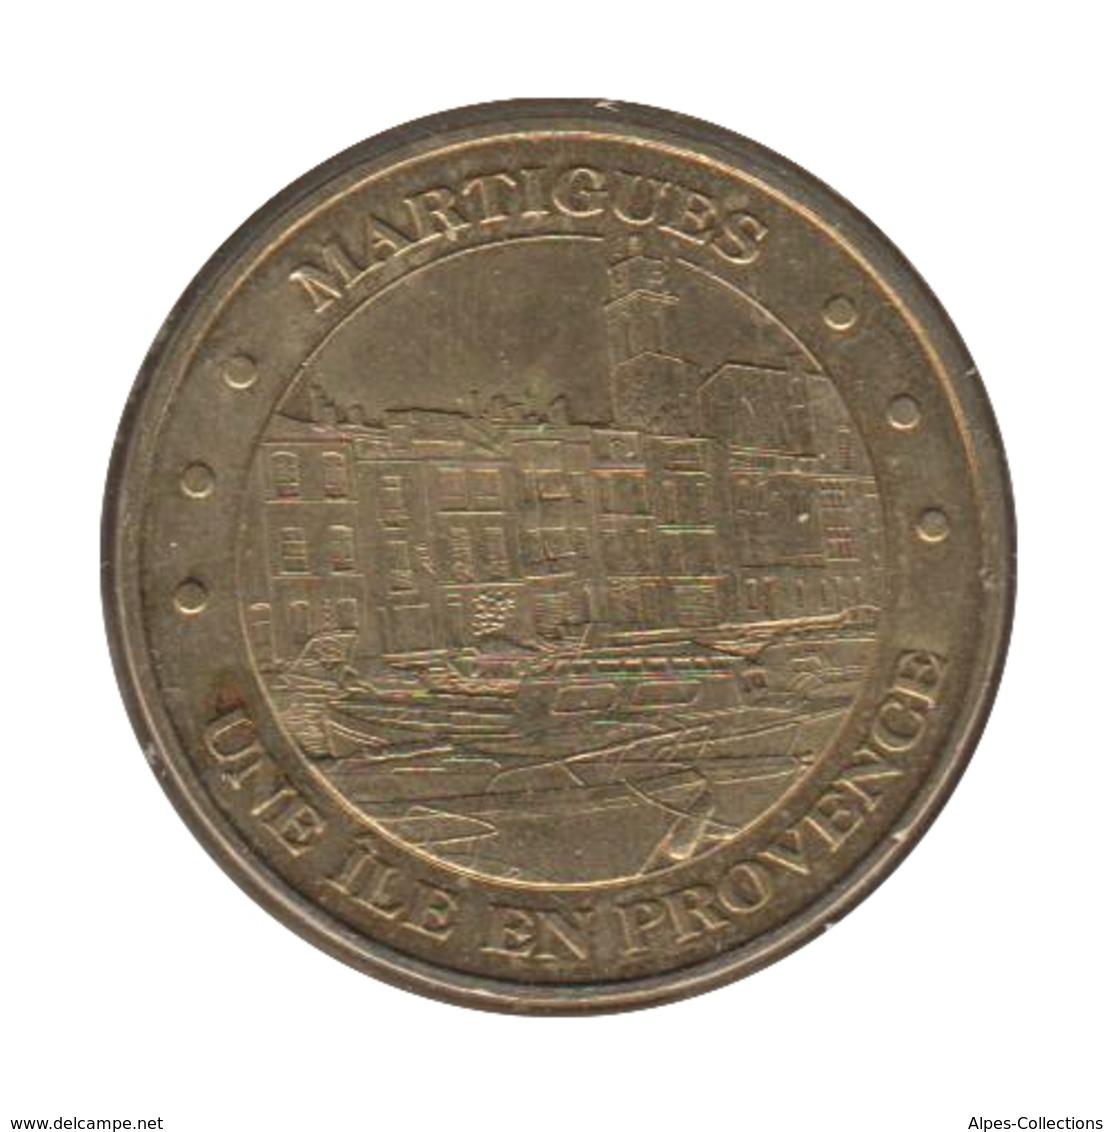 0042 - MEDAILLE TOURISTIQUE MONNAIE DE PARIS 13 - Ile En Provence - 2010 - Monnaie De Paris